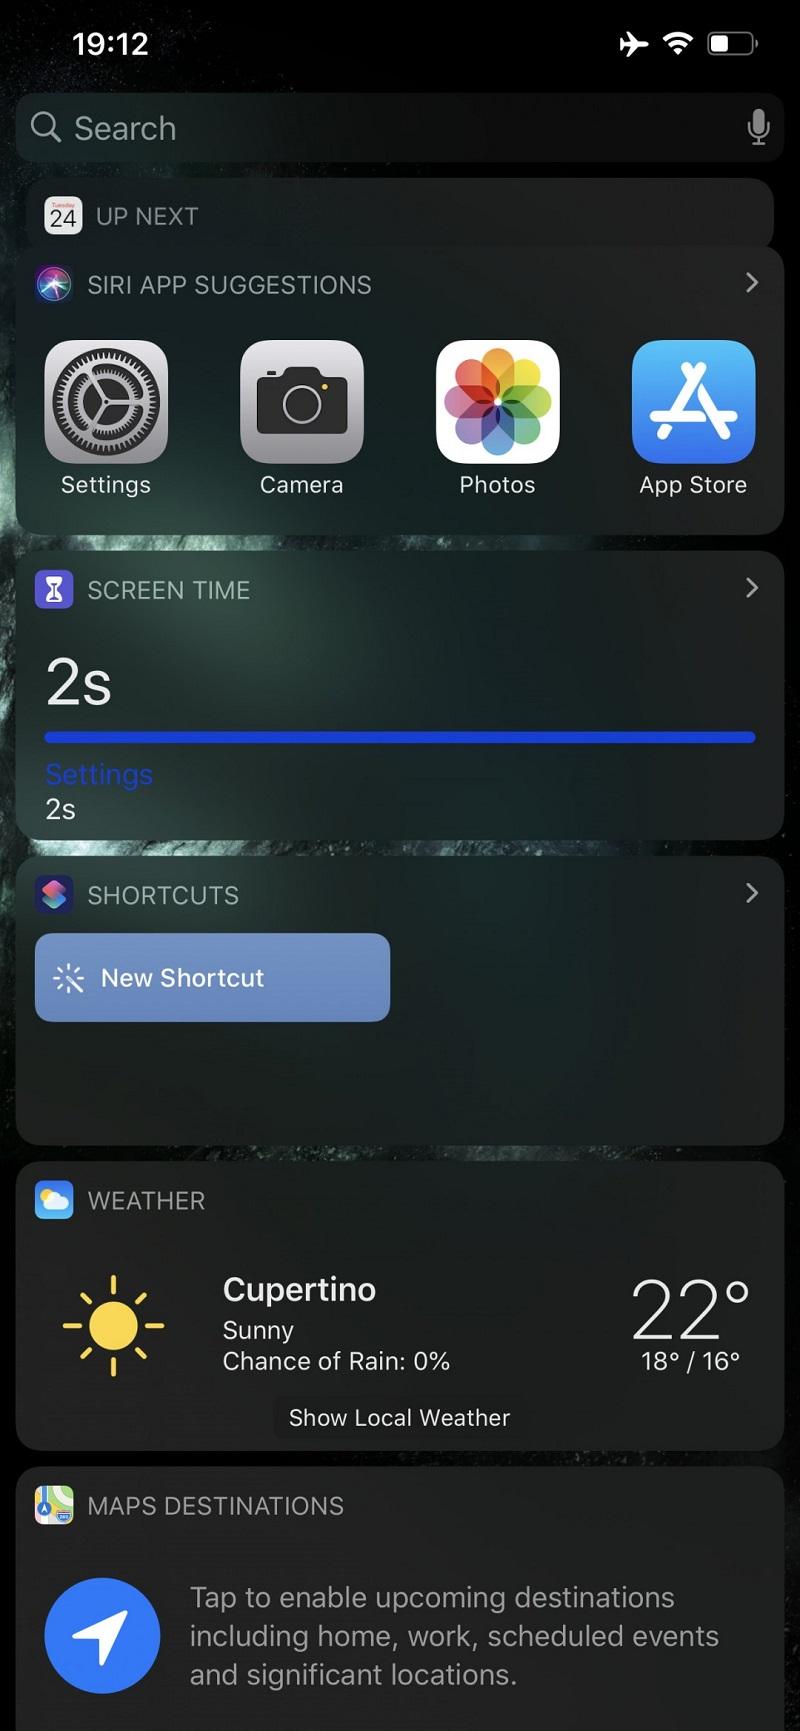 Sforum - Trang thông tin công nghệ mới nhất gsmarena_009-10 Đánh giá Apple iPhone 11 Pro/11 Pro Max: Khả năng chụp hình tốt, dung lượng pin cải thiện vượt bậc